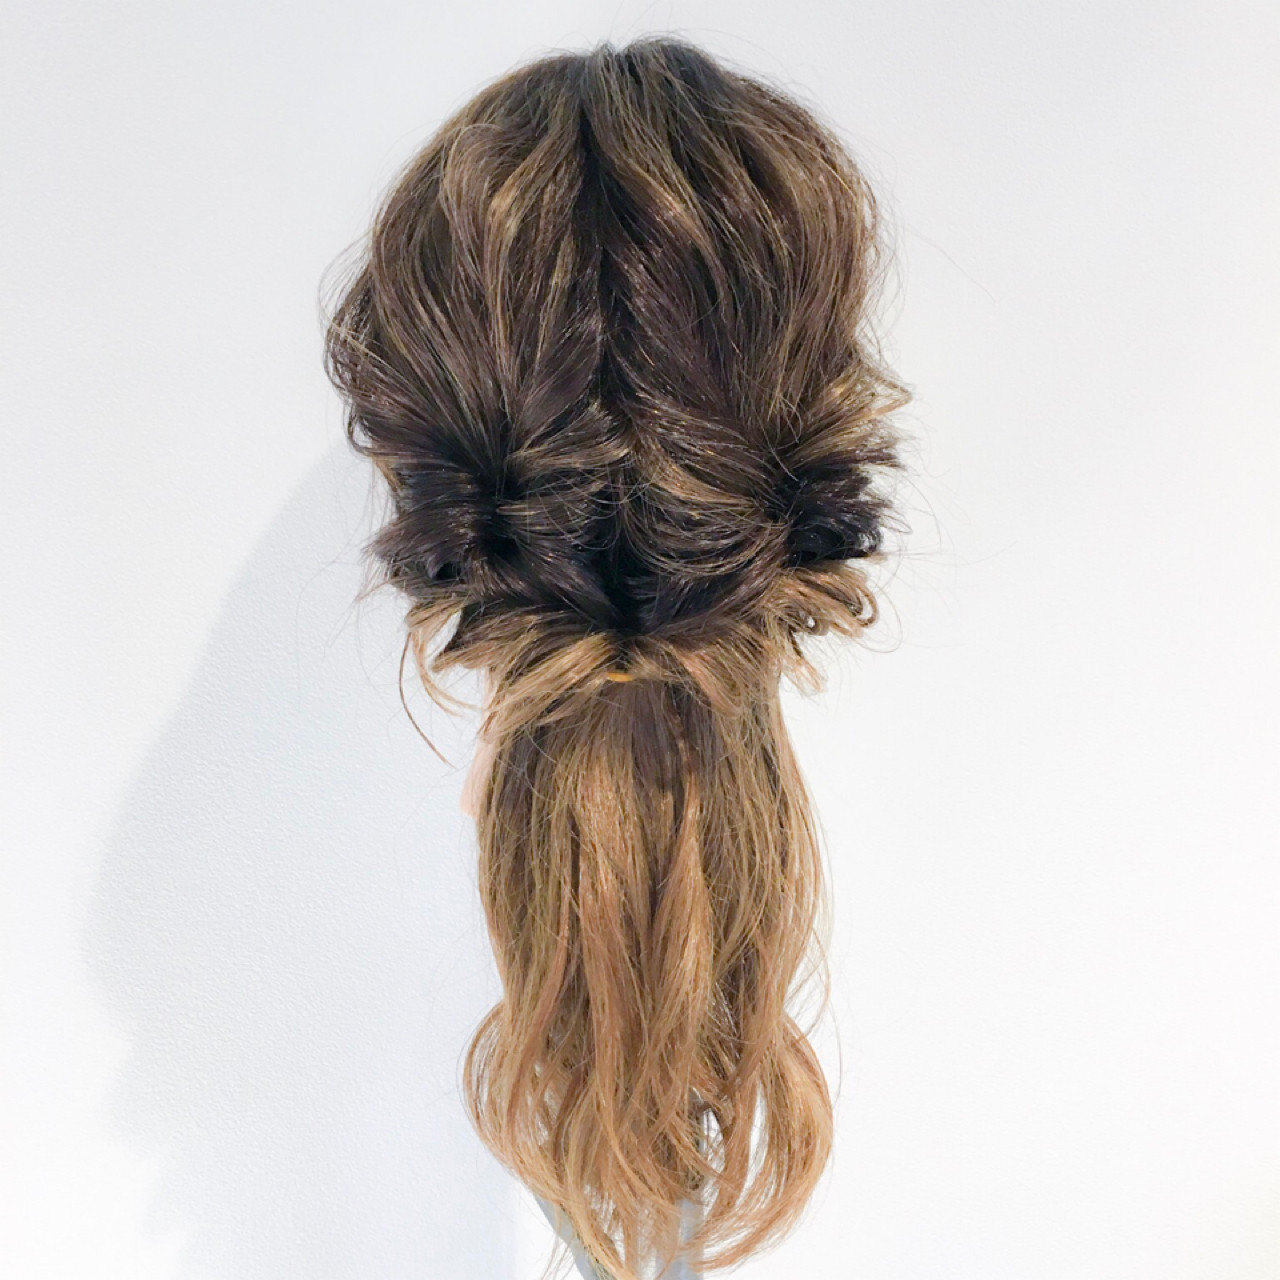 しっとり上品に。和装にピッタリの髪型は?簡単セルフアレンジ特集 美容師 HIRO